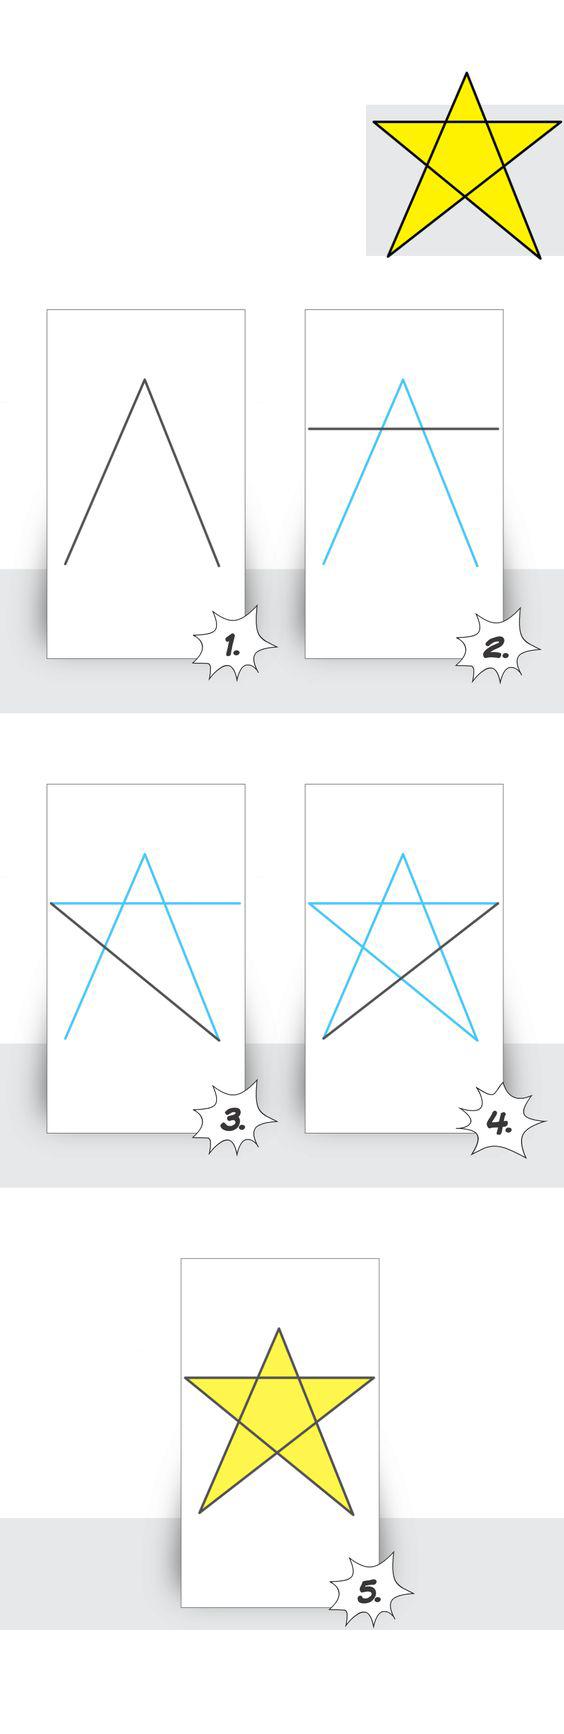 كيف ارسم نجمه